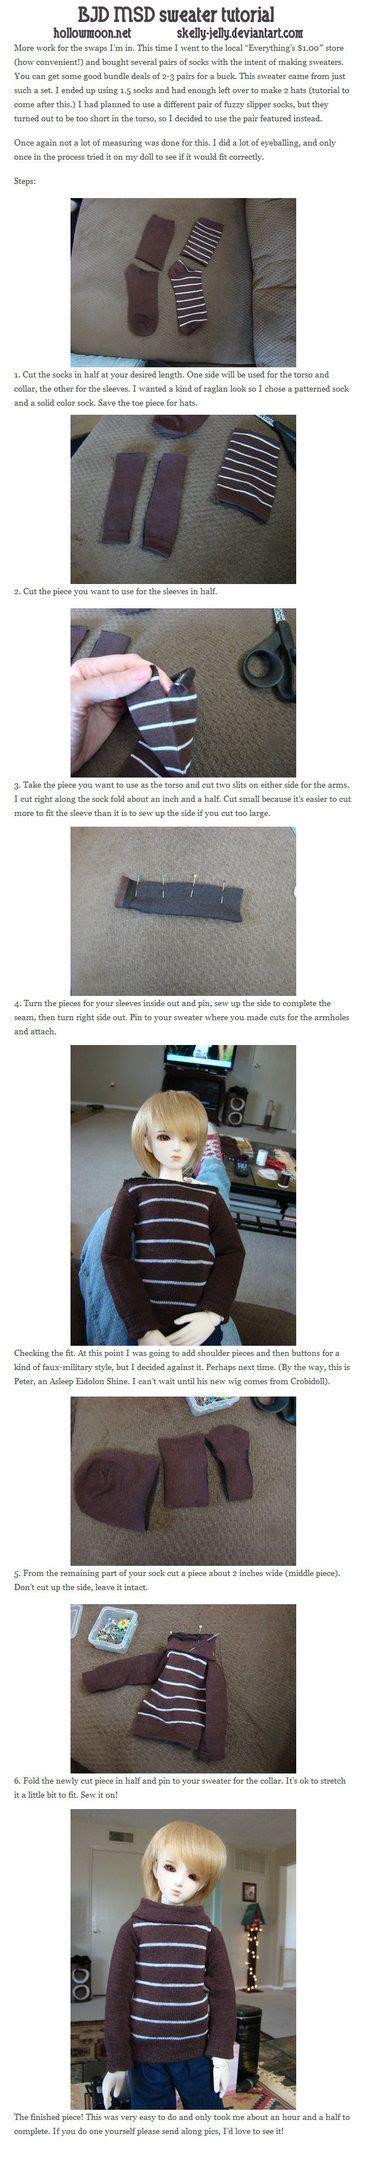 tutorial rufus pdf 183 best images about ken clothes on pinterest vests